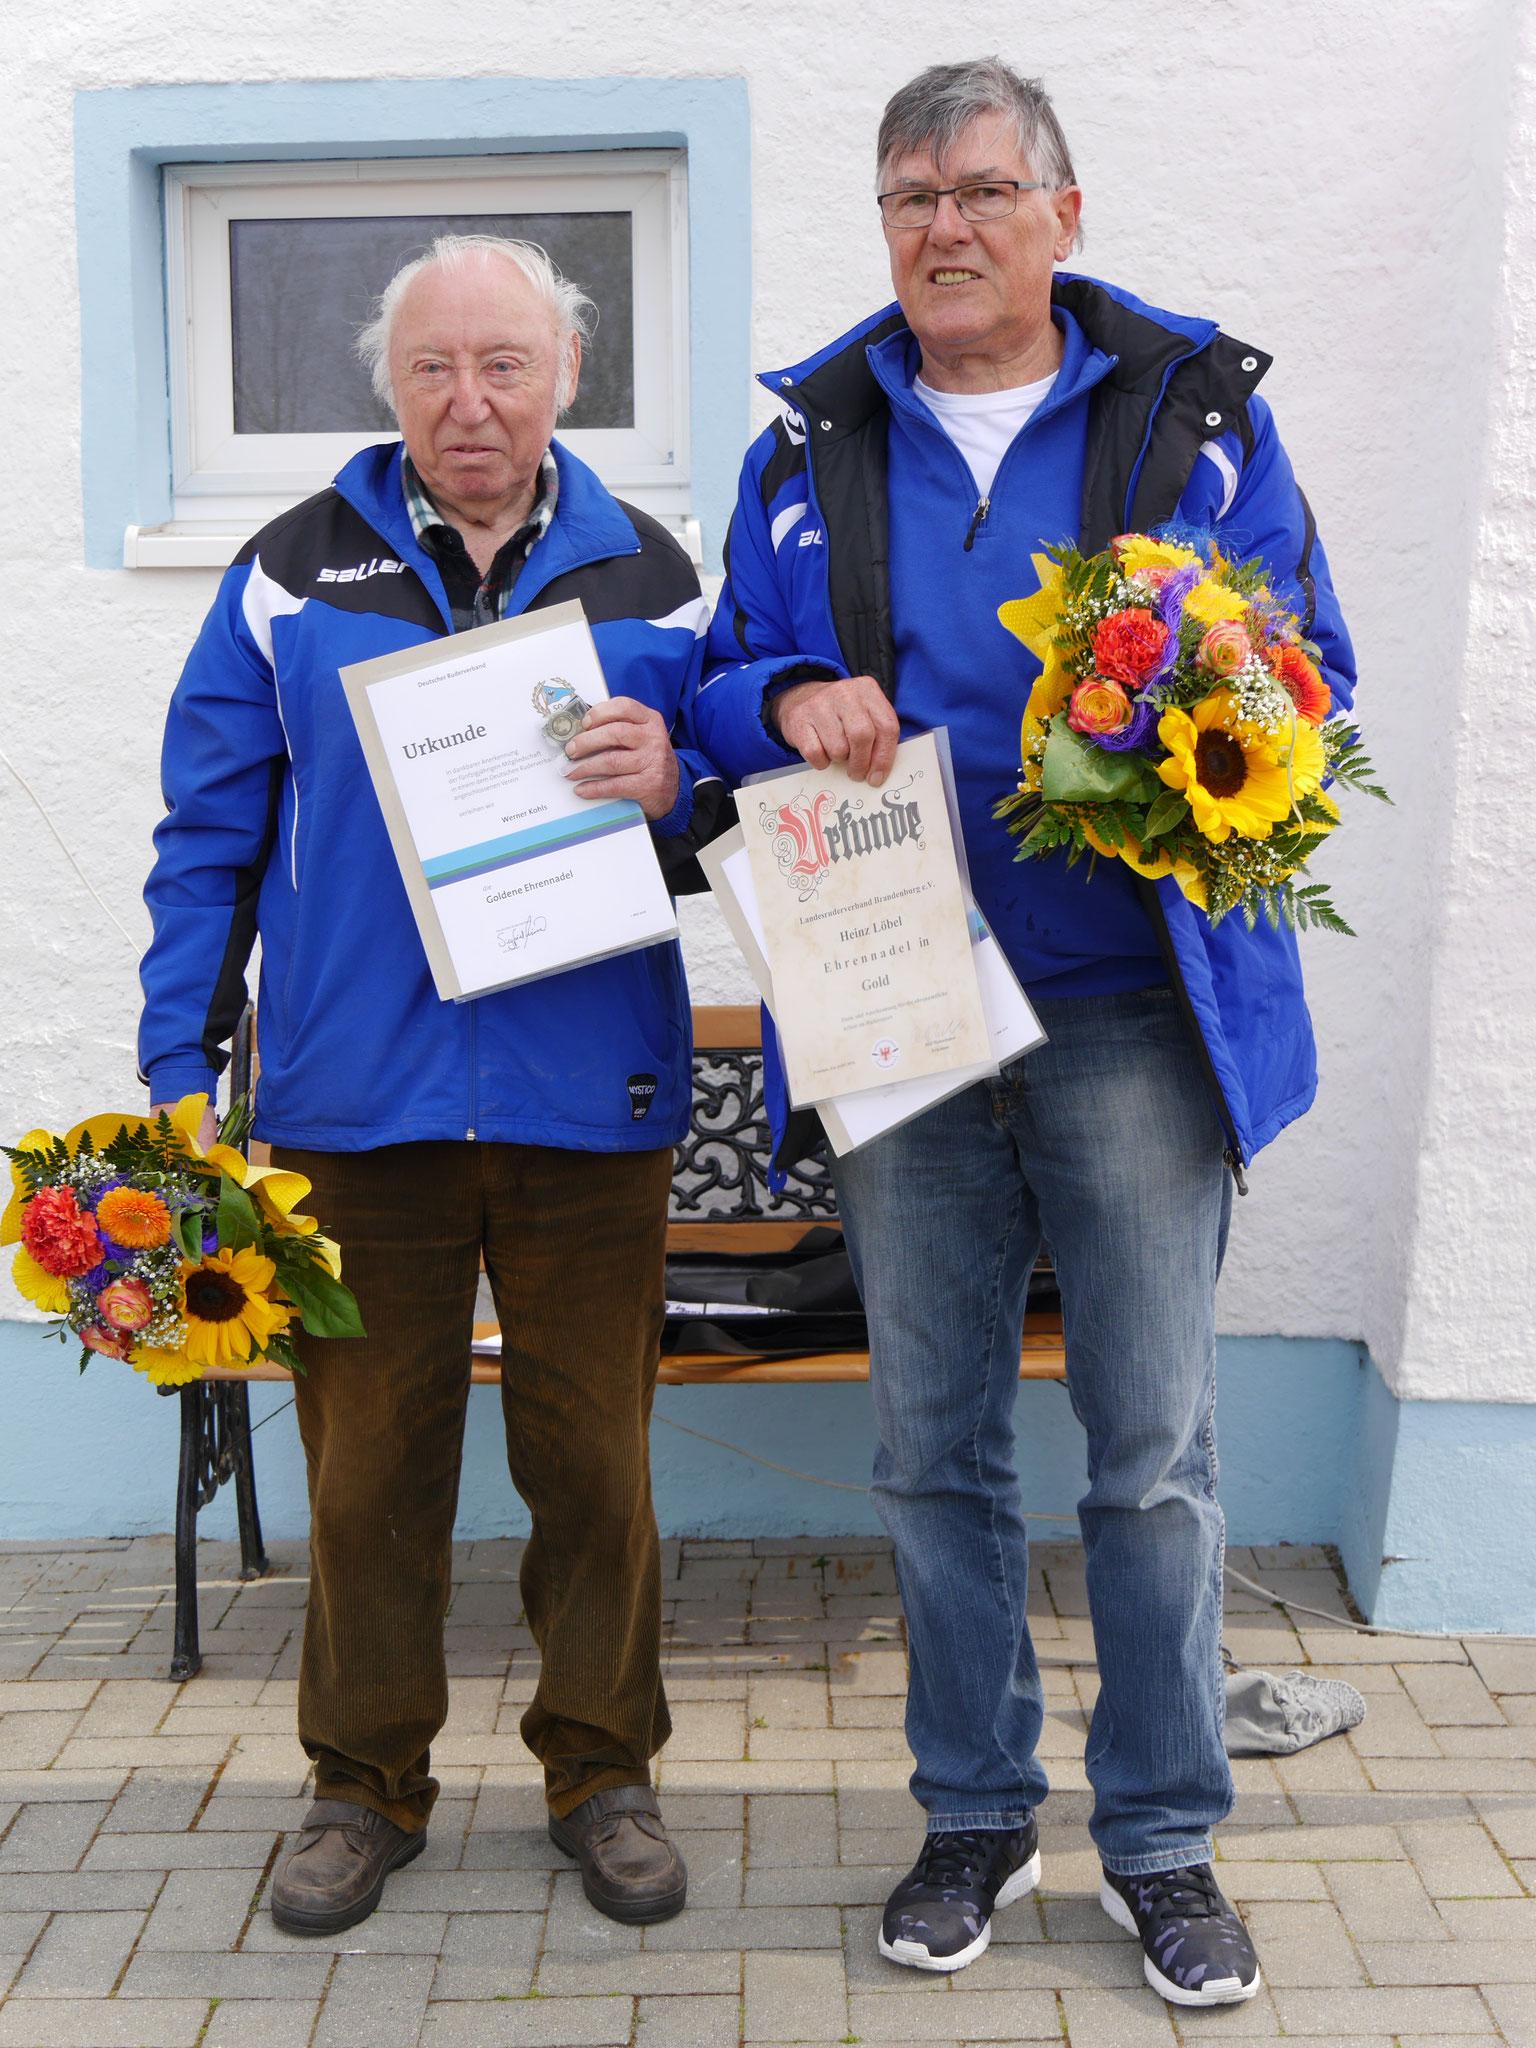 Herzlichen Glückwunsch unseren beiden Ruderkameraden Werner Kohls und Heinz Löbel, verbunden mit einem riesigen Dankeschön für die geleistete Vereinsarbeit!